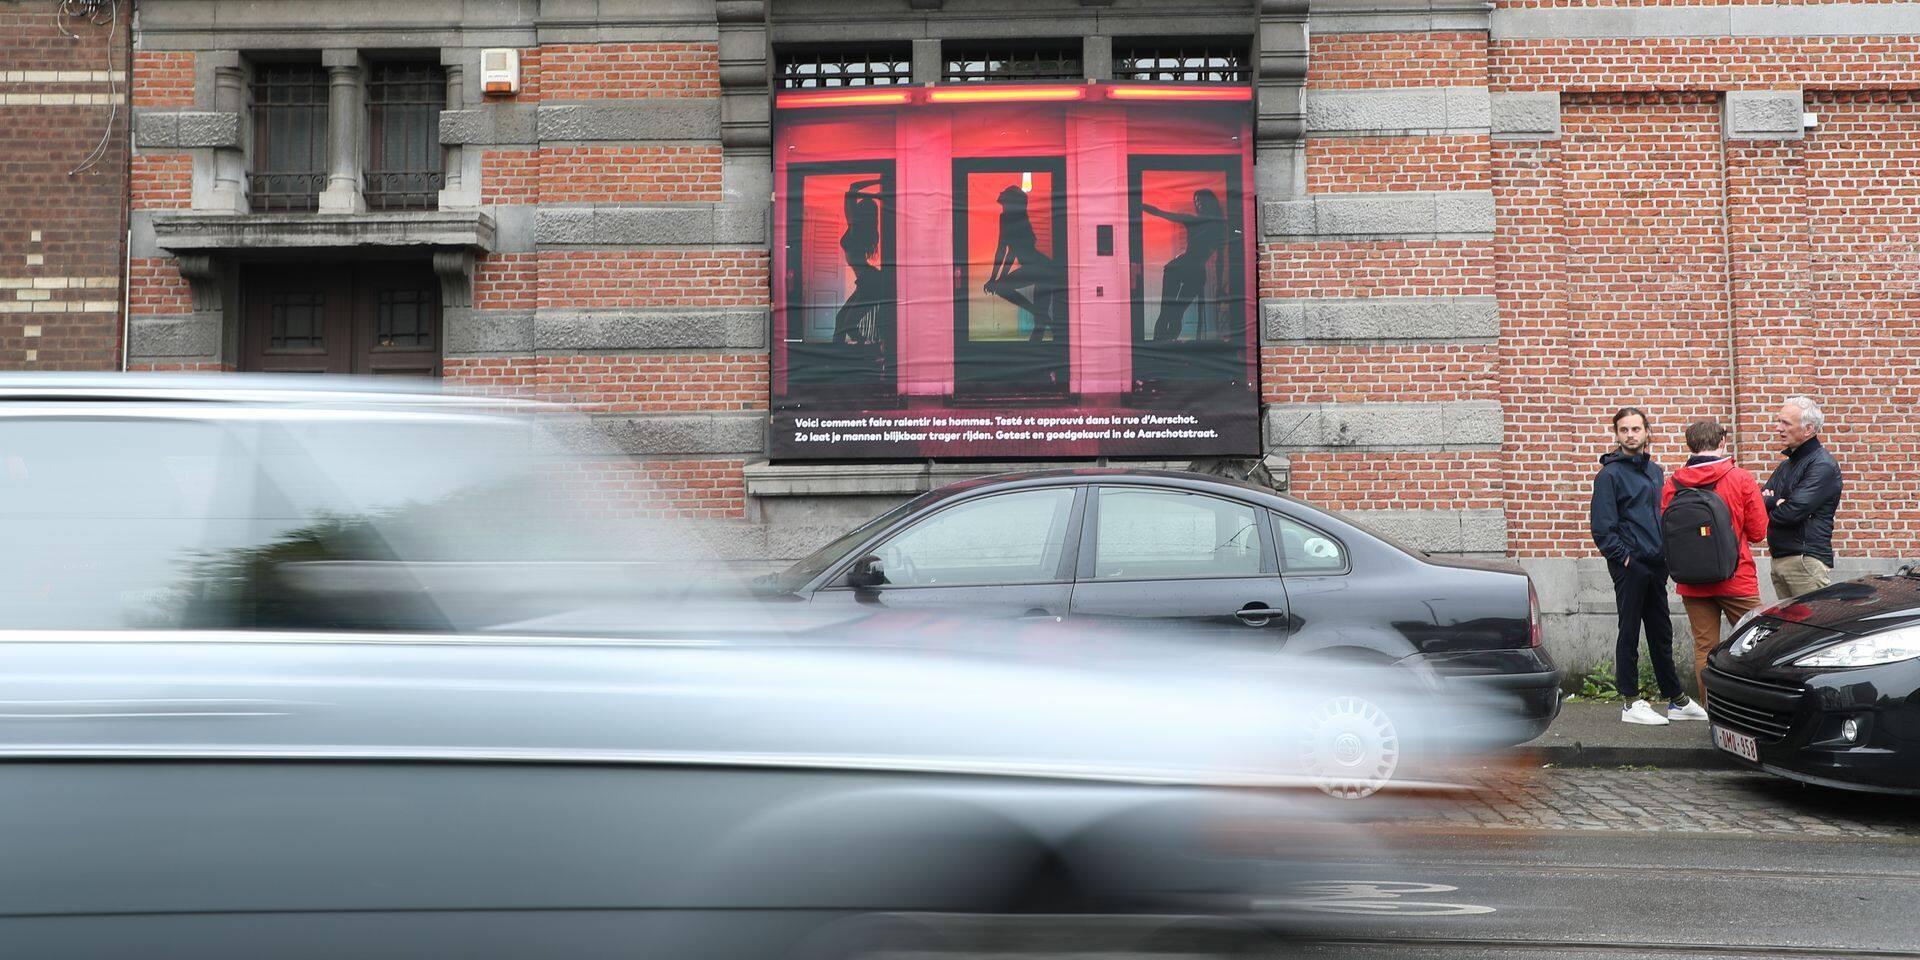 Schaerbeek : Une fausse vitrine de prostituées pour faire ralentir les automobilistes rue Waehlem